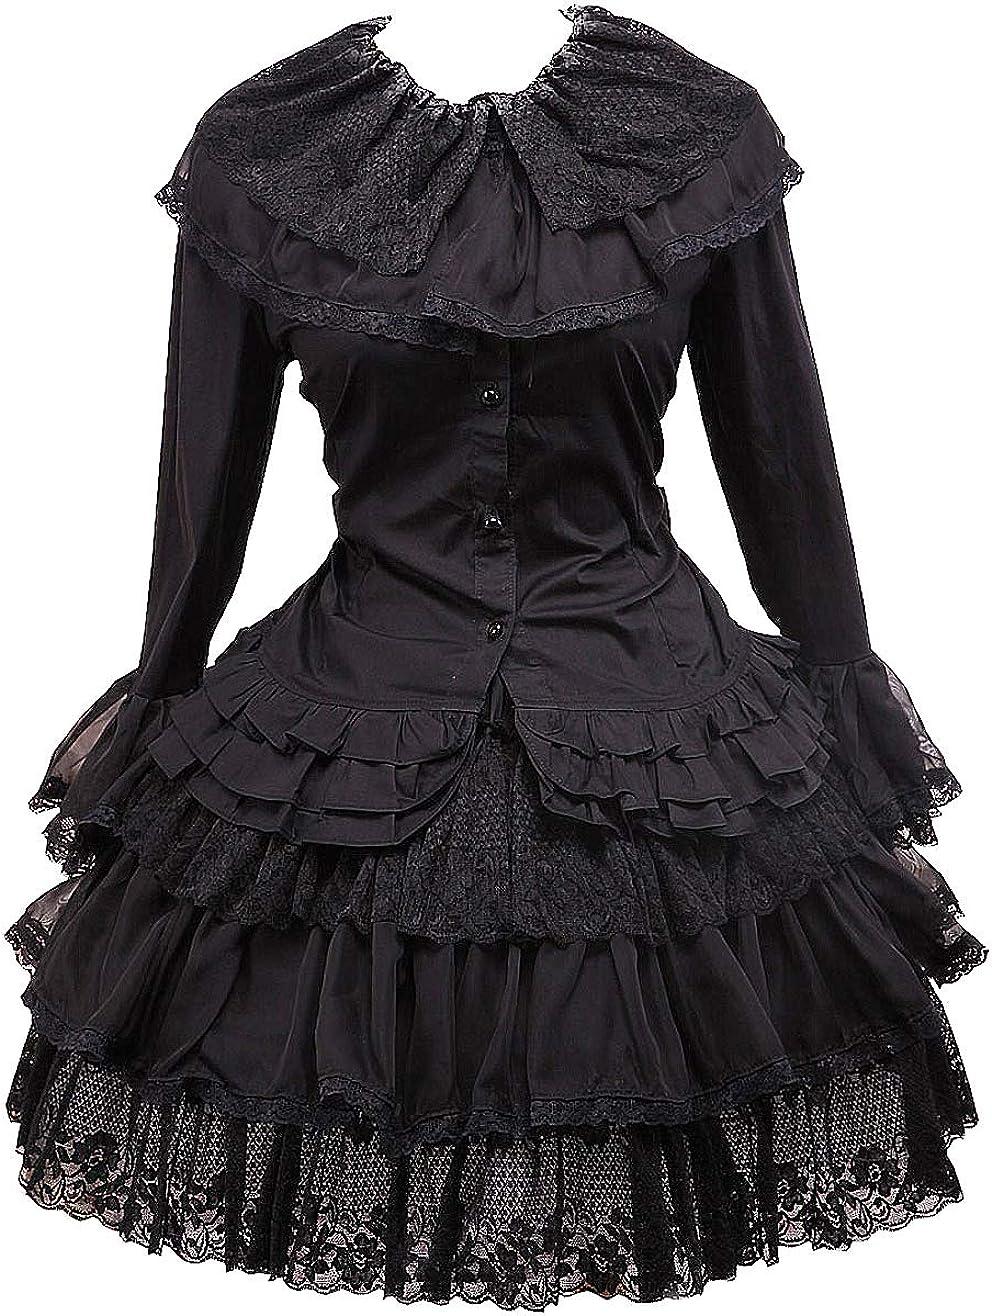 Antaina Blusa de Lolita Gótica de Encaje en Algodón Negra y Falda ...